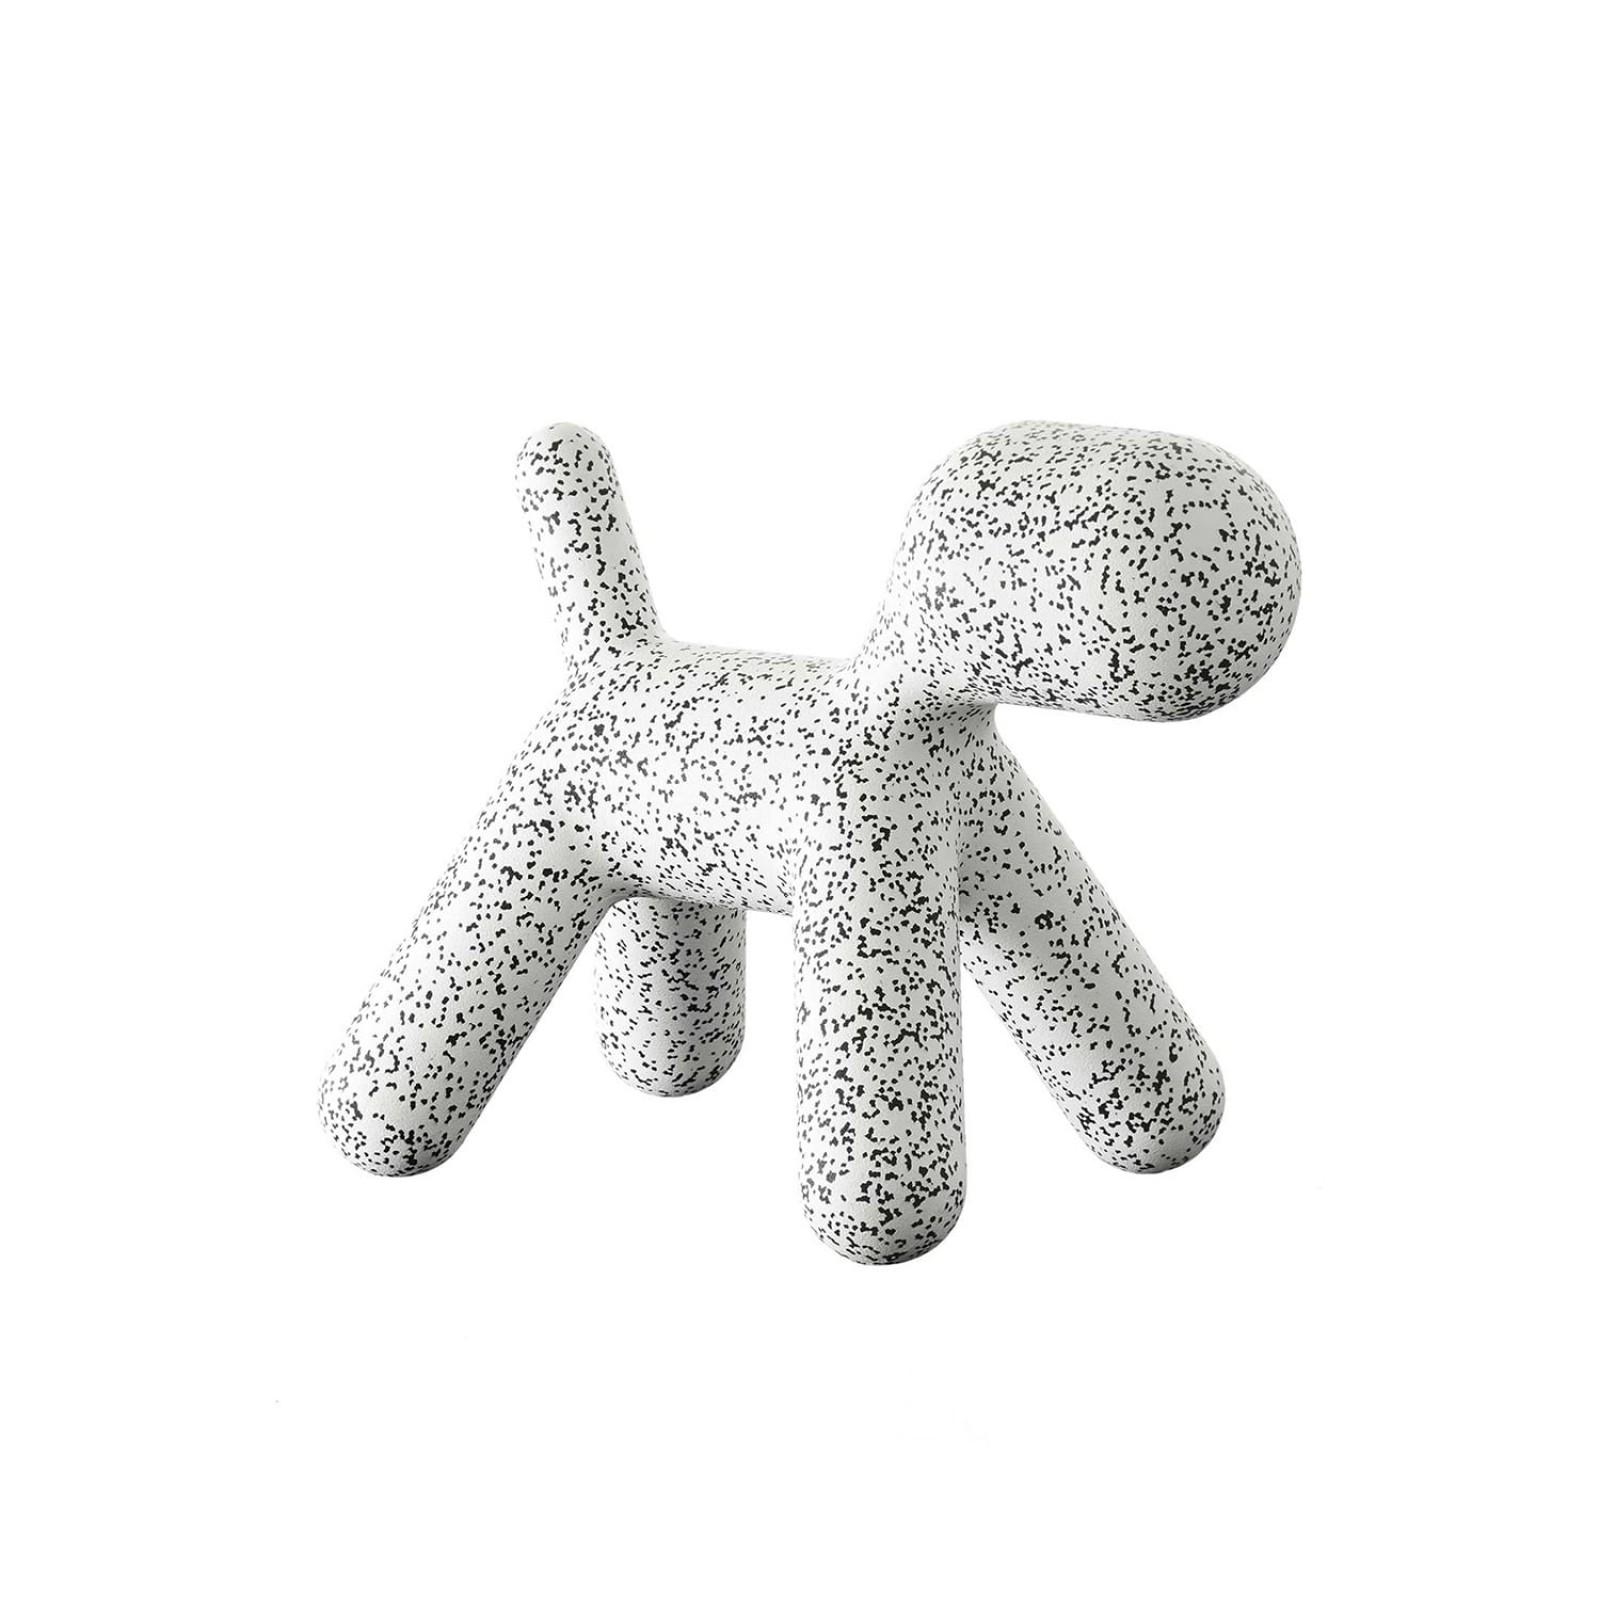 Me Too Puppy Children's Stool S (Dalmatian) - Magis